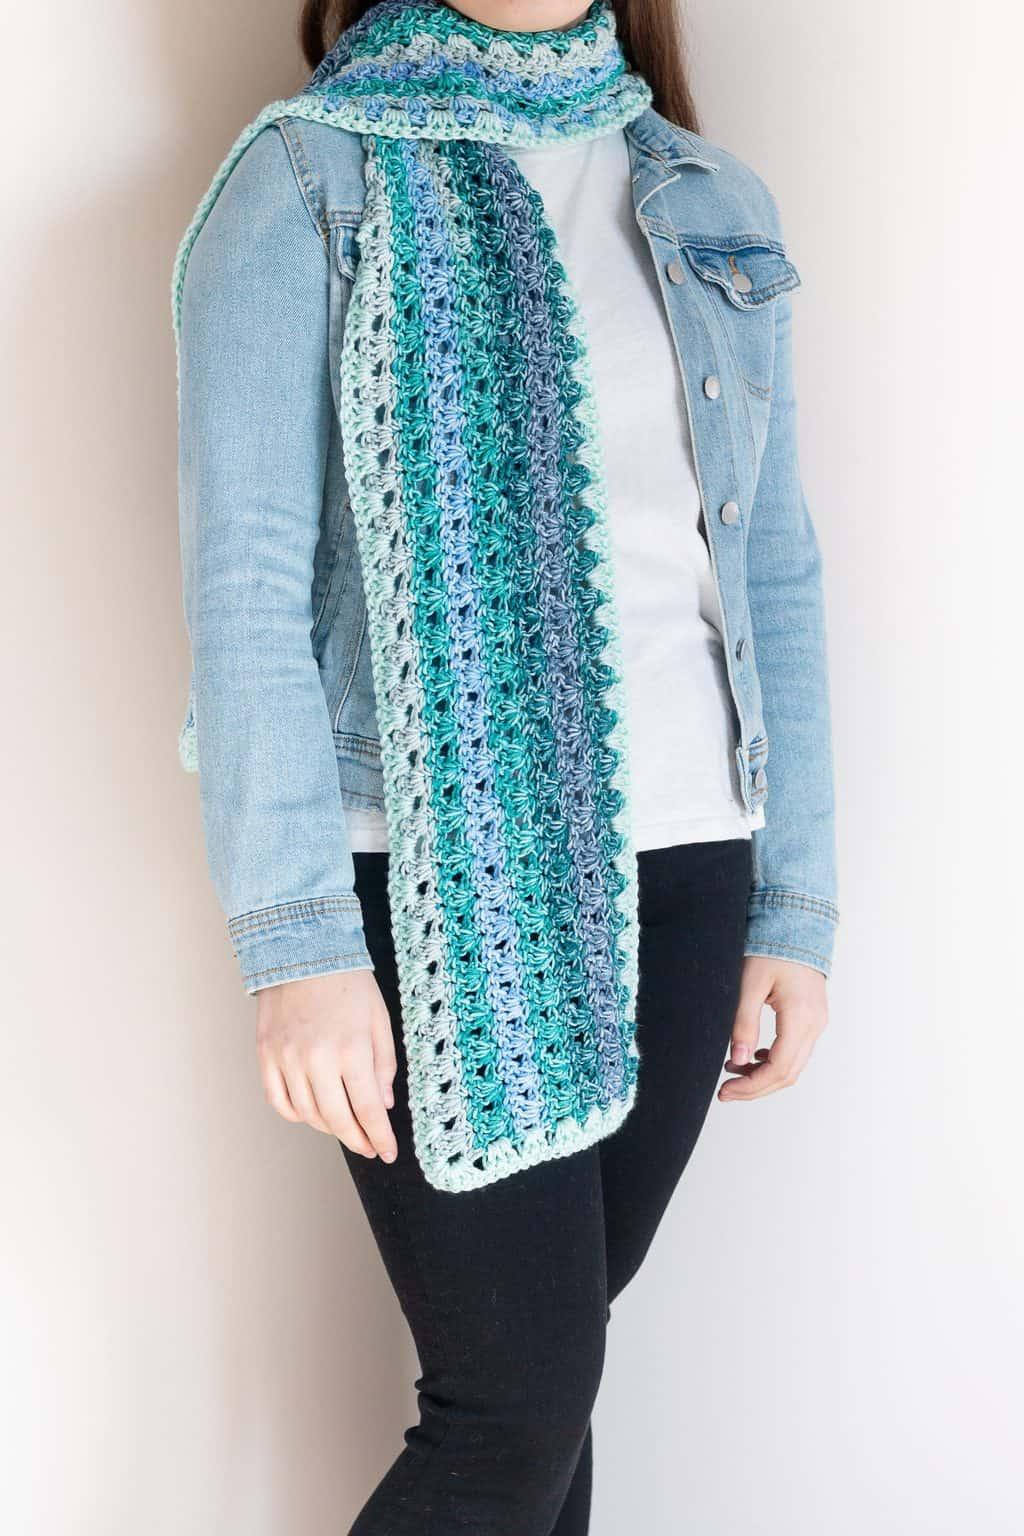 Ombre Crochet Scarf Pattern